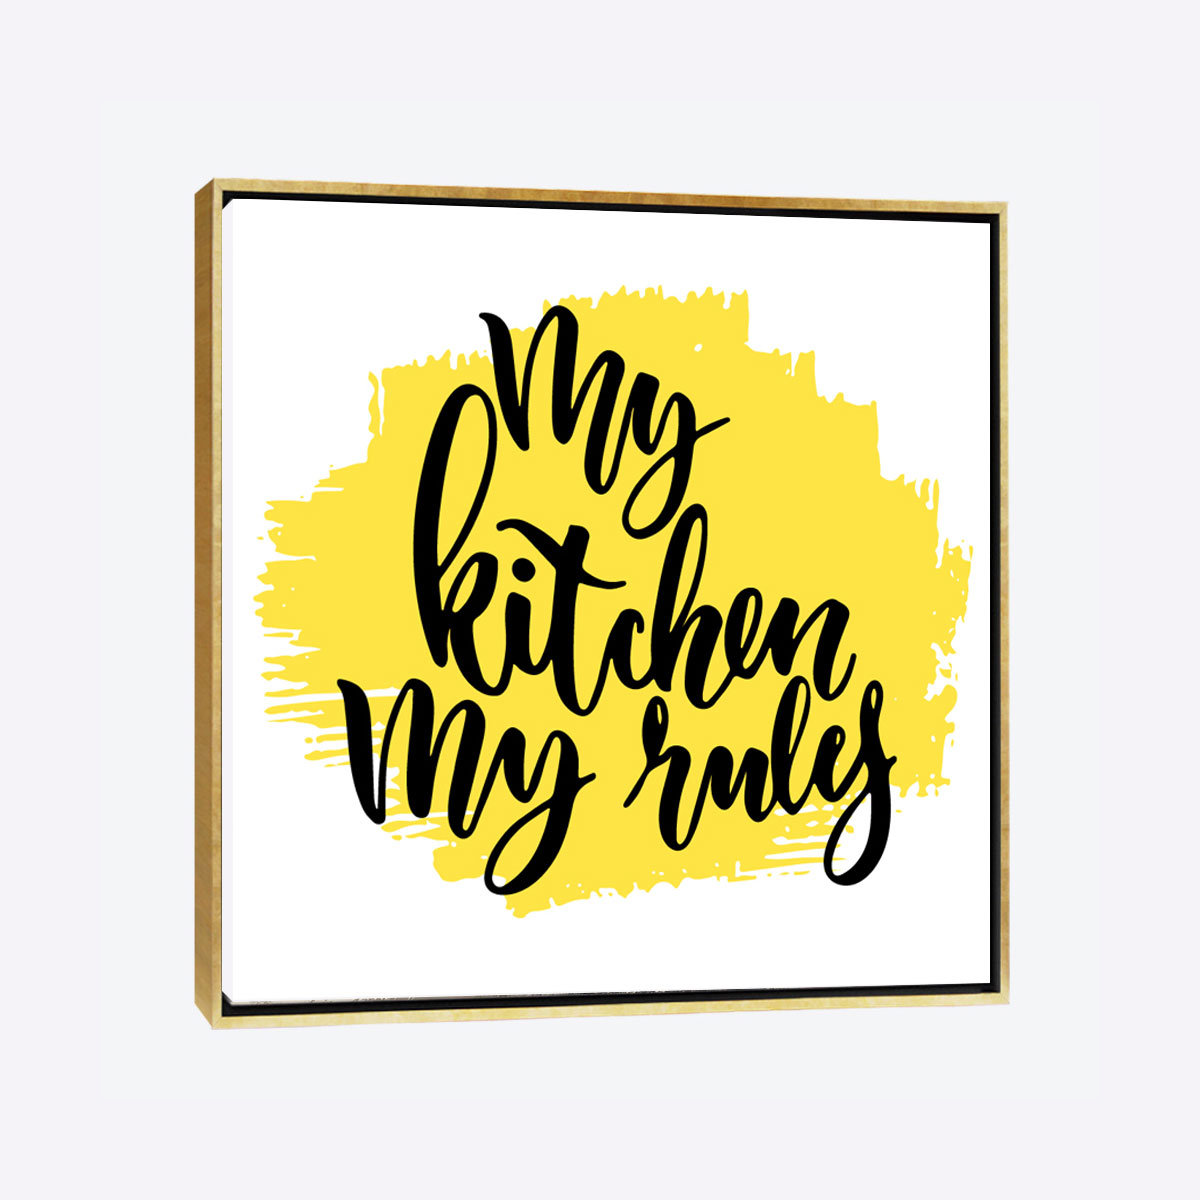 """لوحات جدارية - لوحة لجملة """" مطبخي وقواعدي"""" باللون الأصفر - لوحة فنية جدارية لجملة مطبخي وقواعدي , الصورة مصممة باللون الاصفر الذي يتناسب مع المطابخ الانيقة"""